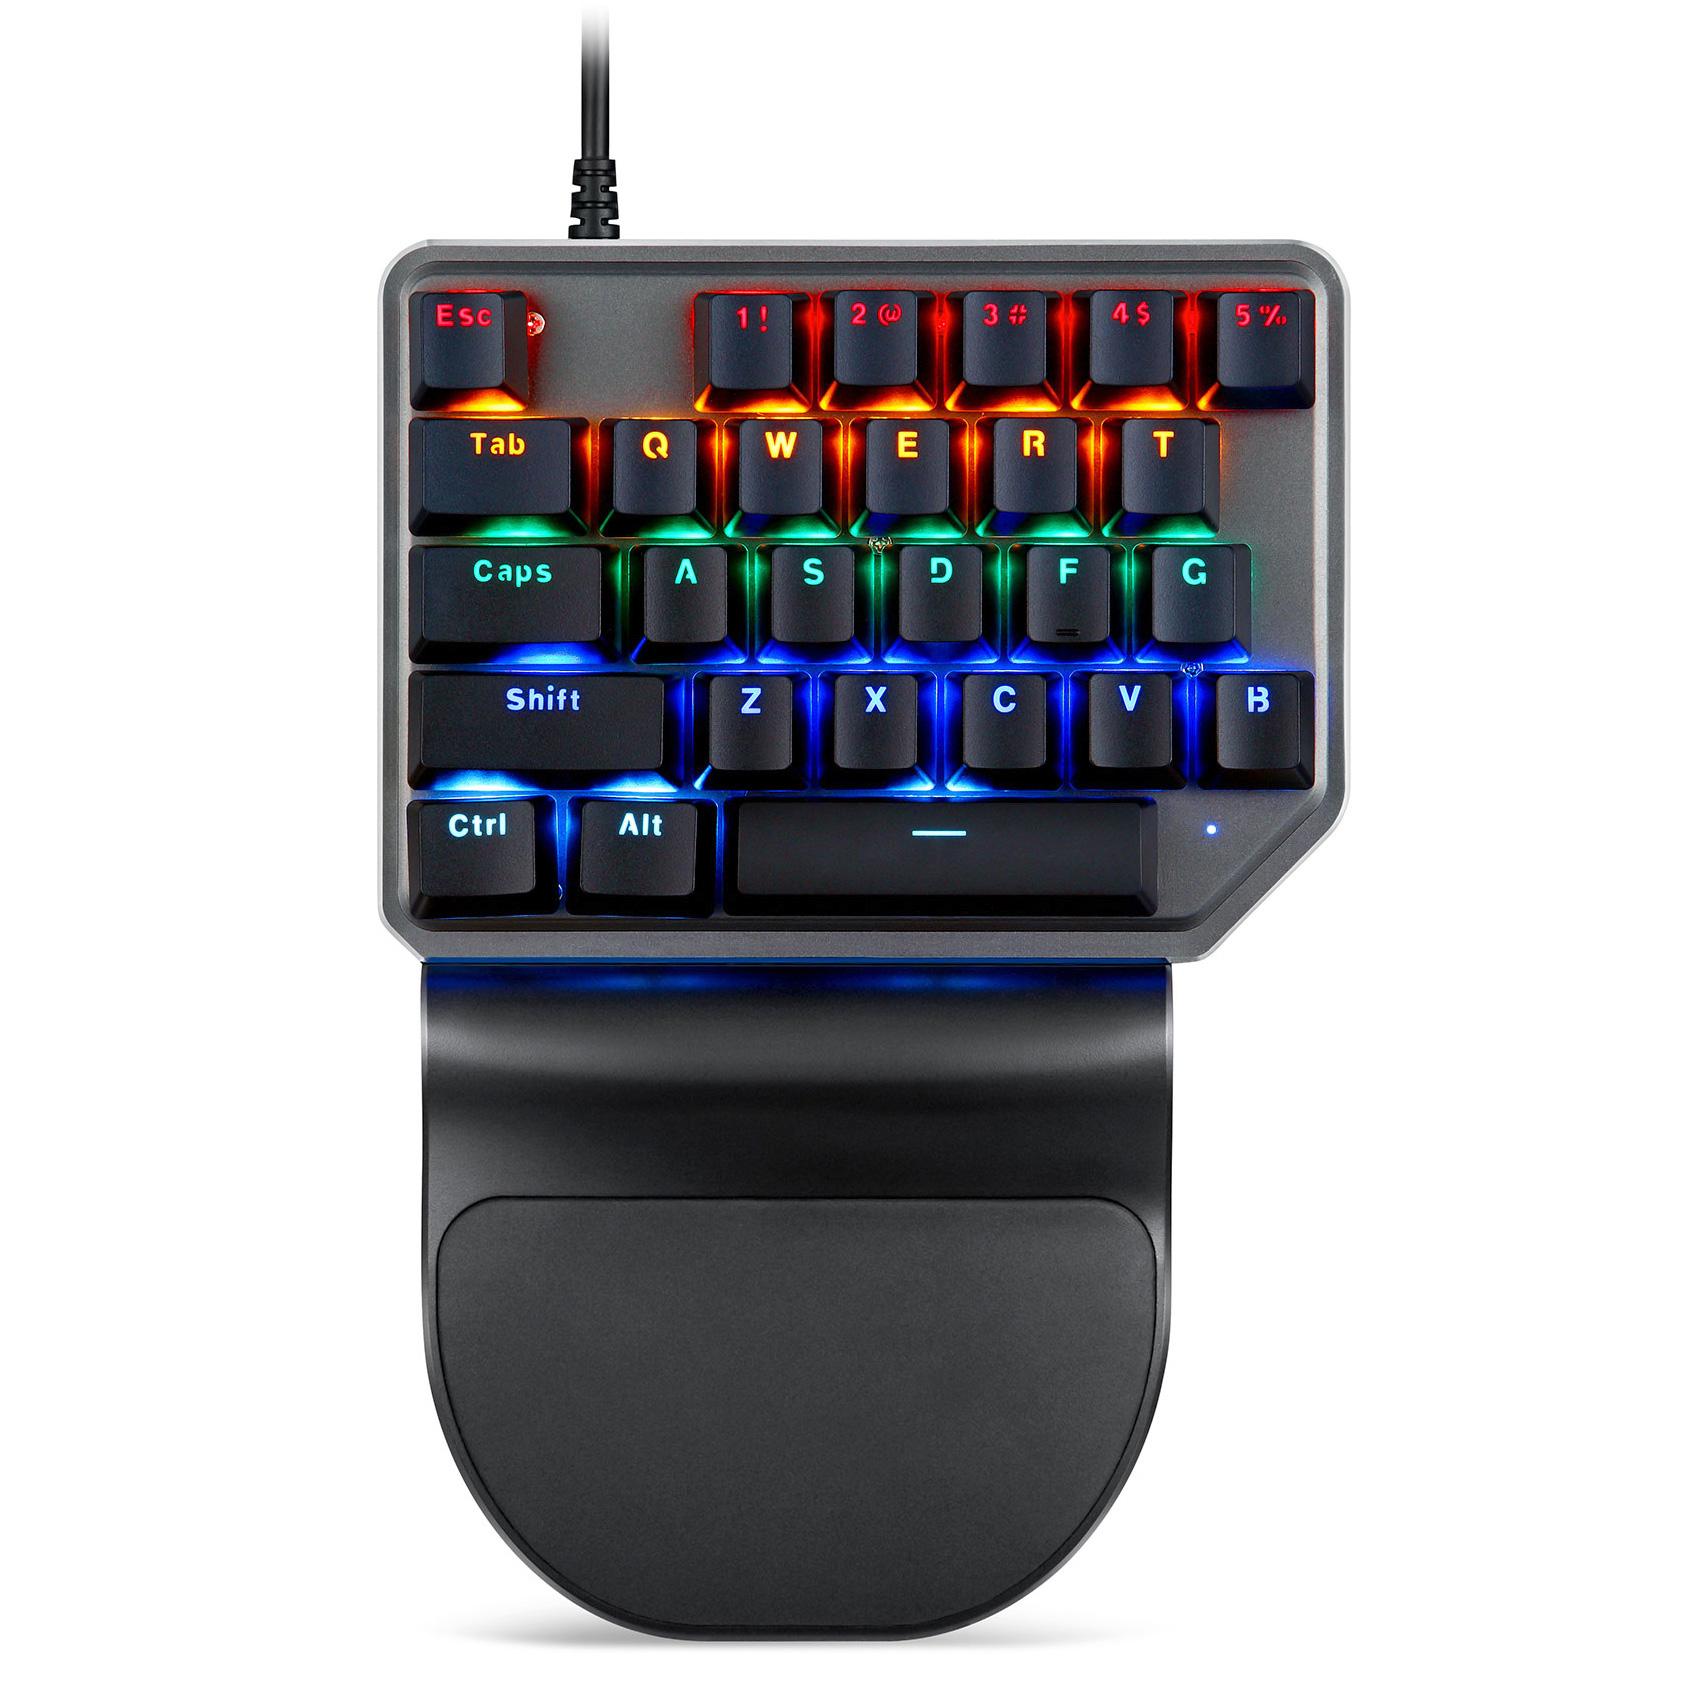 Motospeed K27 USB Wired Singlehanded Mechanical Keyboard